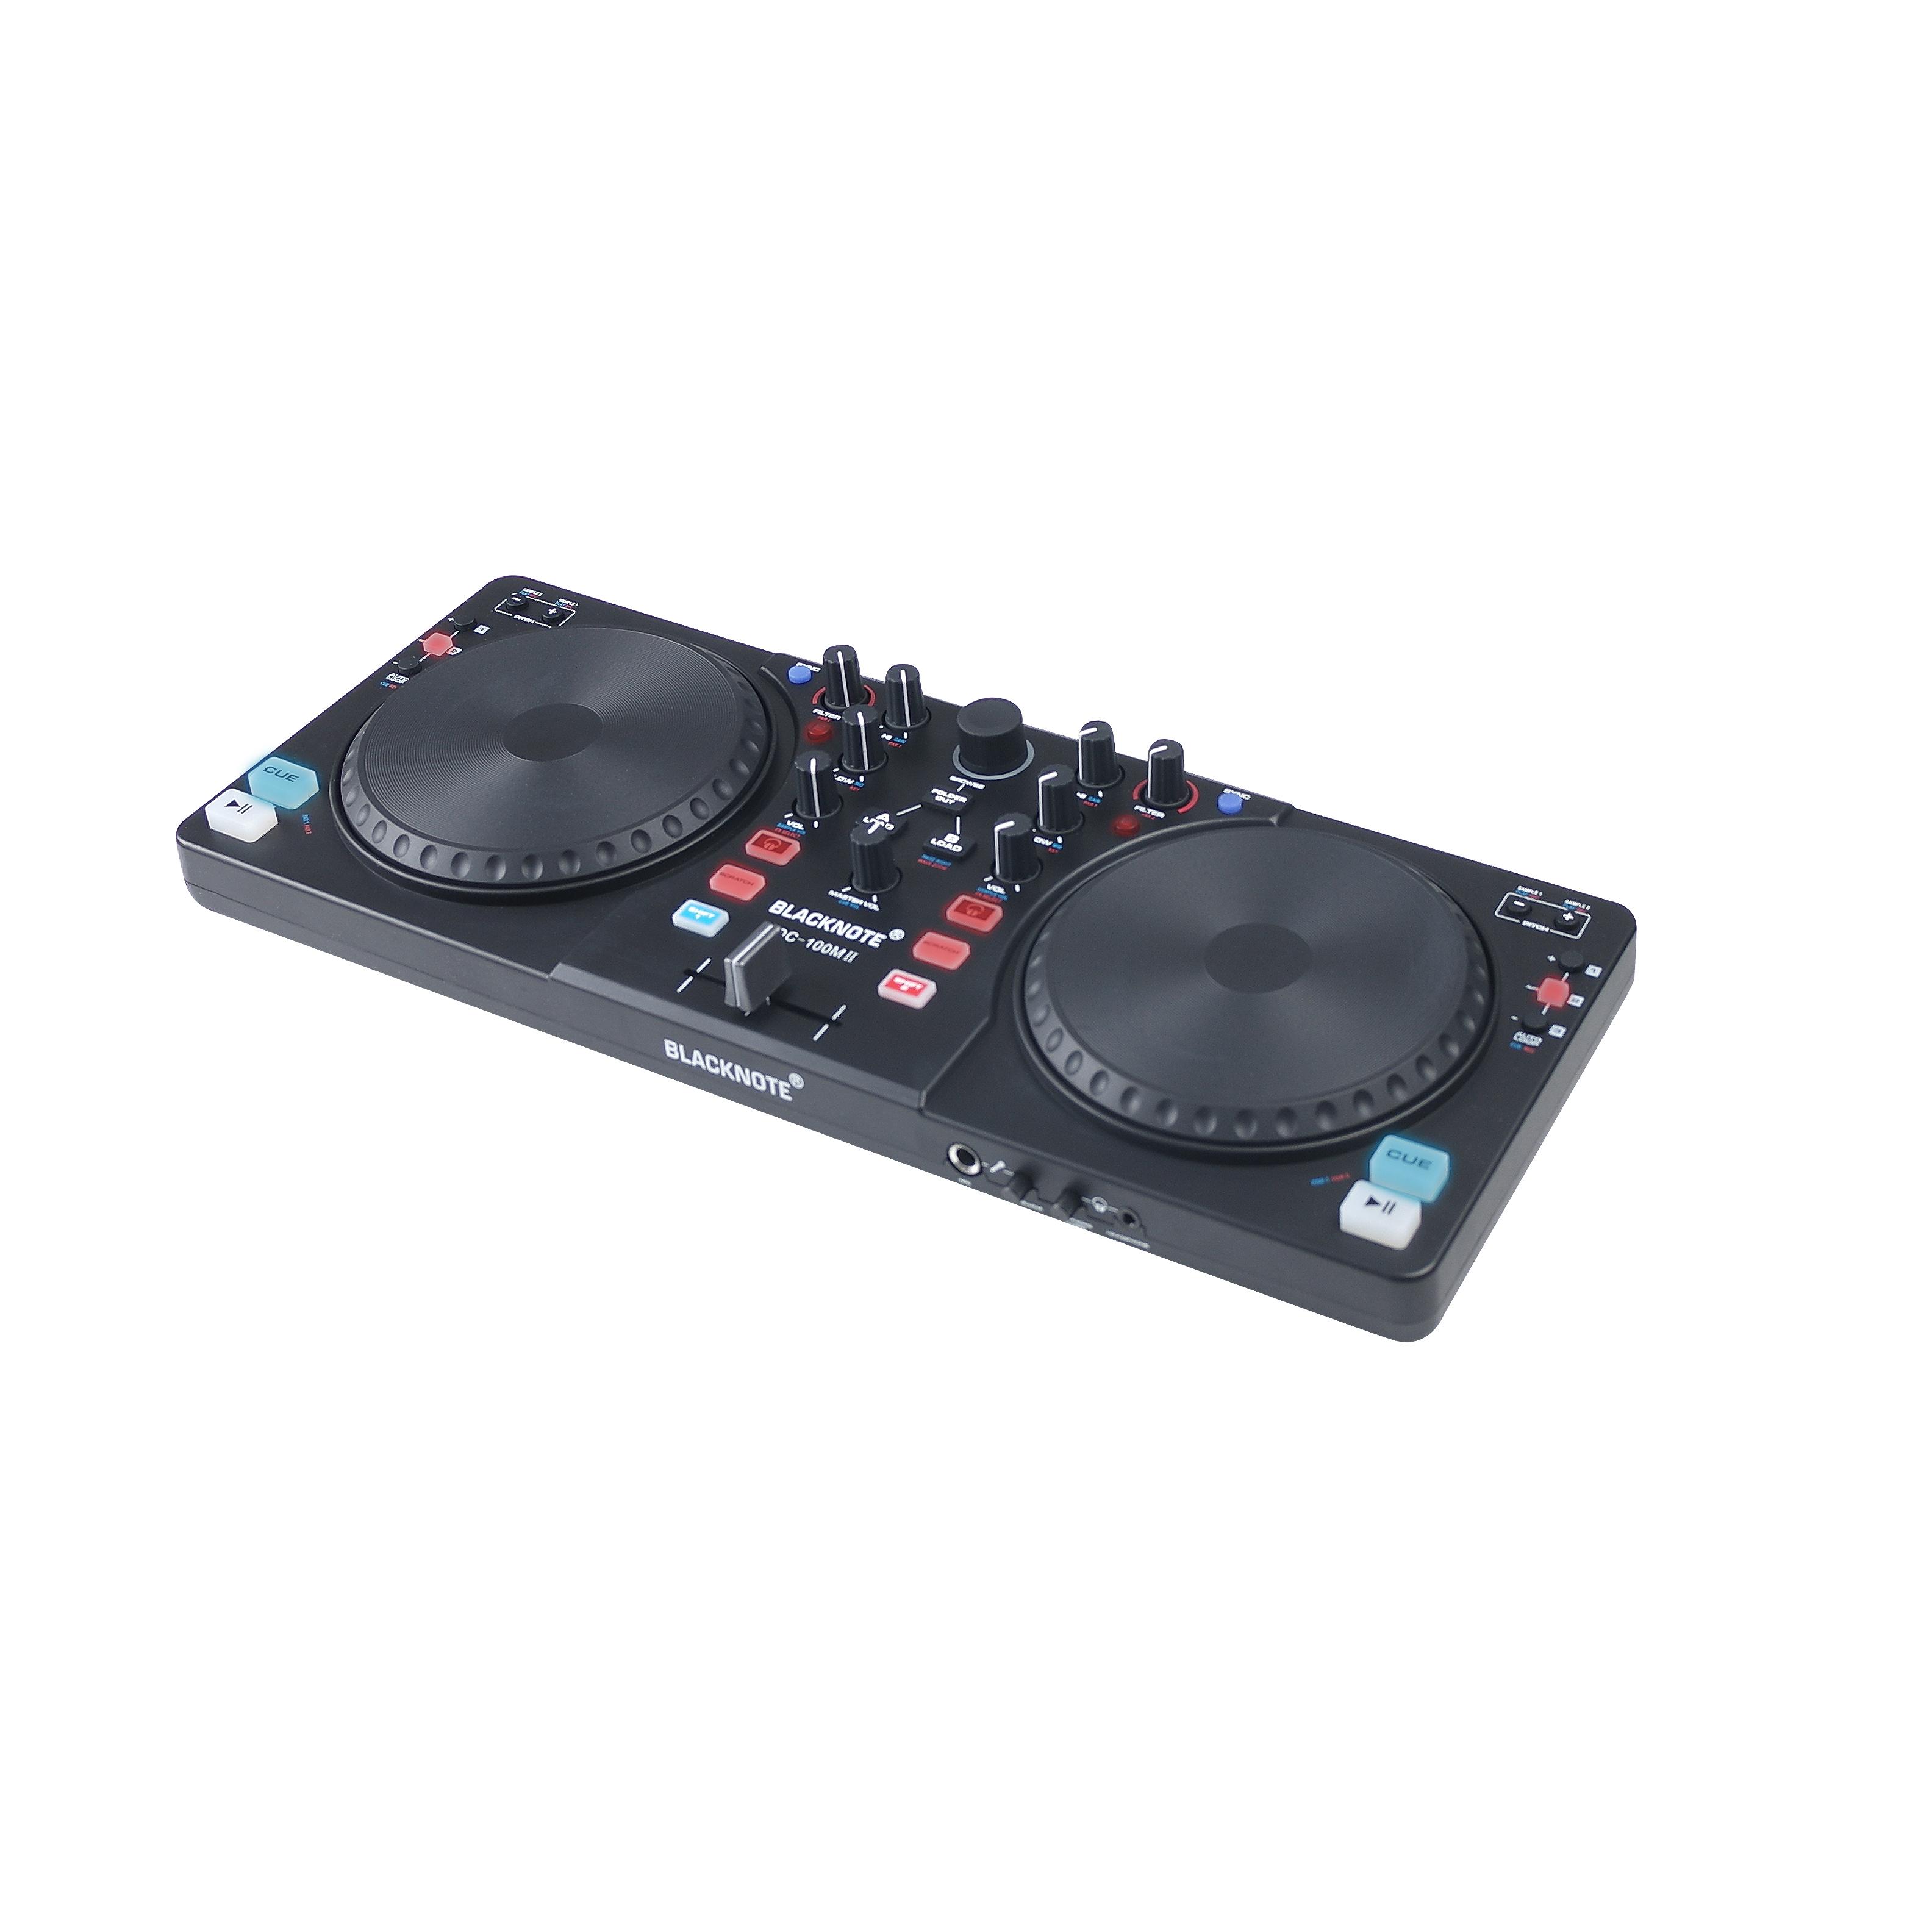 控制器电脑打碟机混音 MIDI 控制器 DJ 数码打碟机 BLACKNOTE 意大利